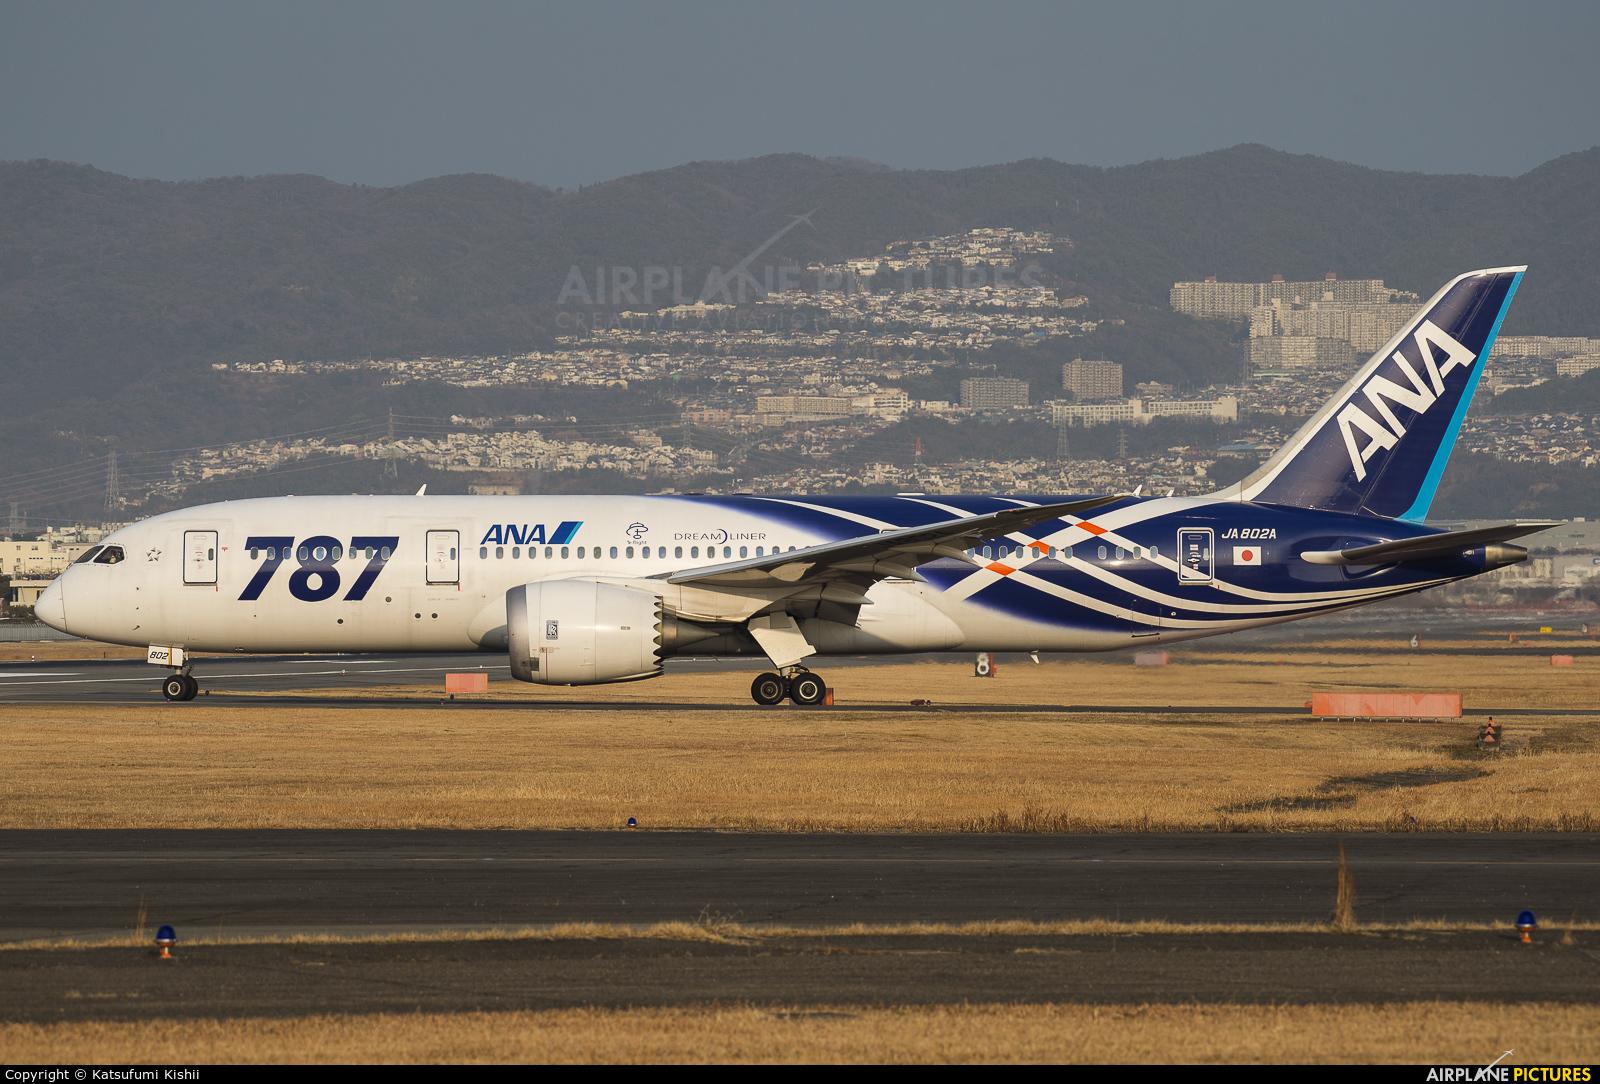 ANA - All Nippon Airways JA802A aircraft at Osaka - Itami Intl